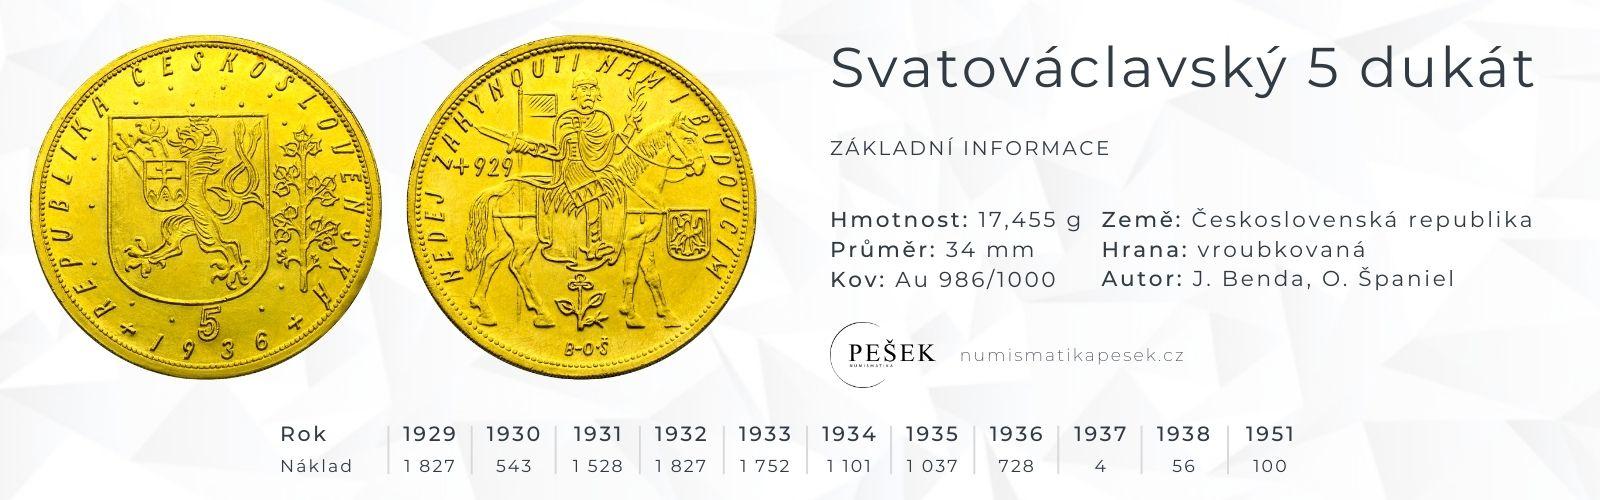 svatovaclavsky-5-dukat